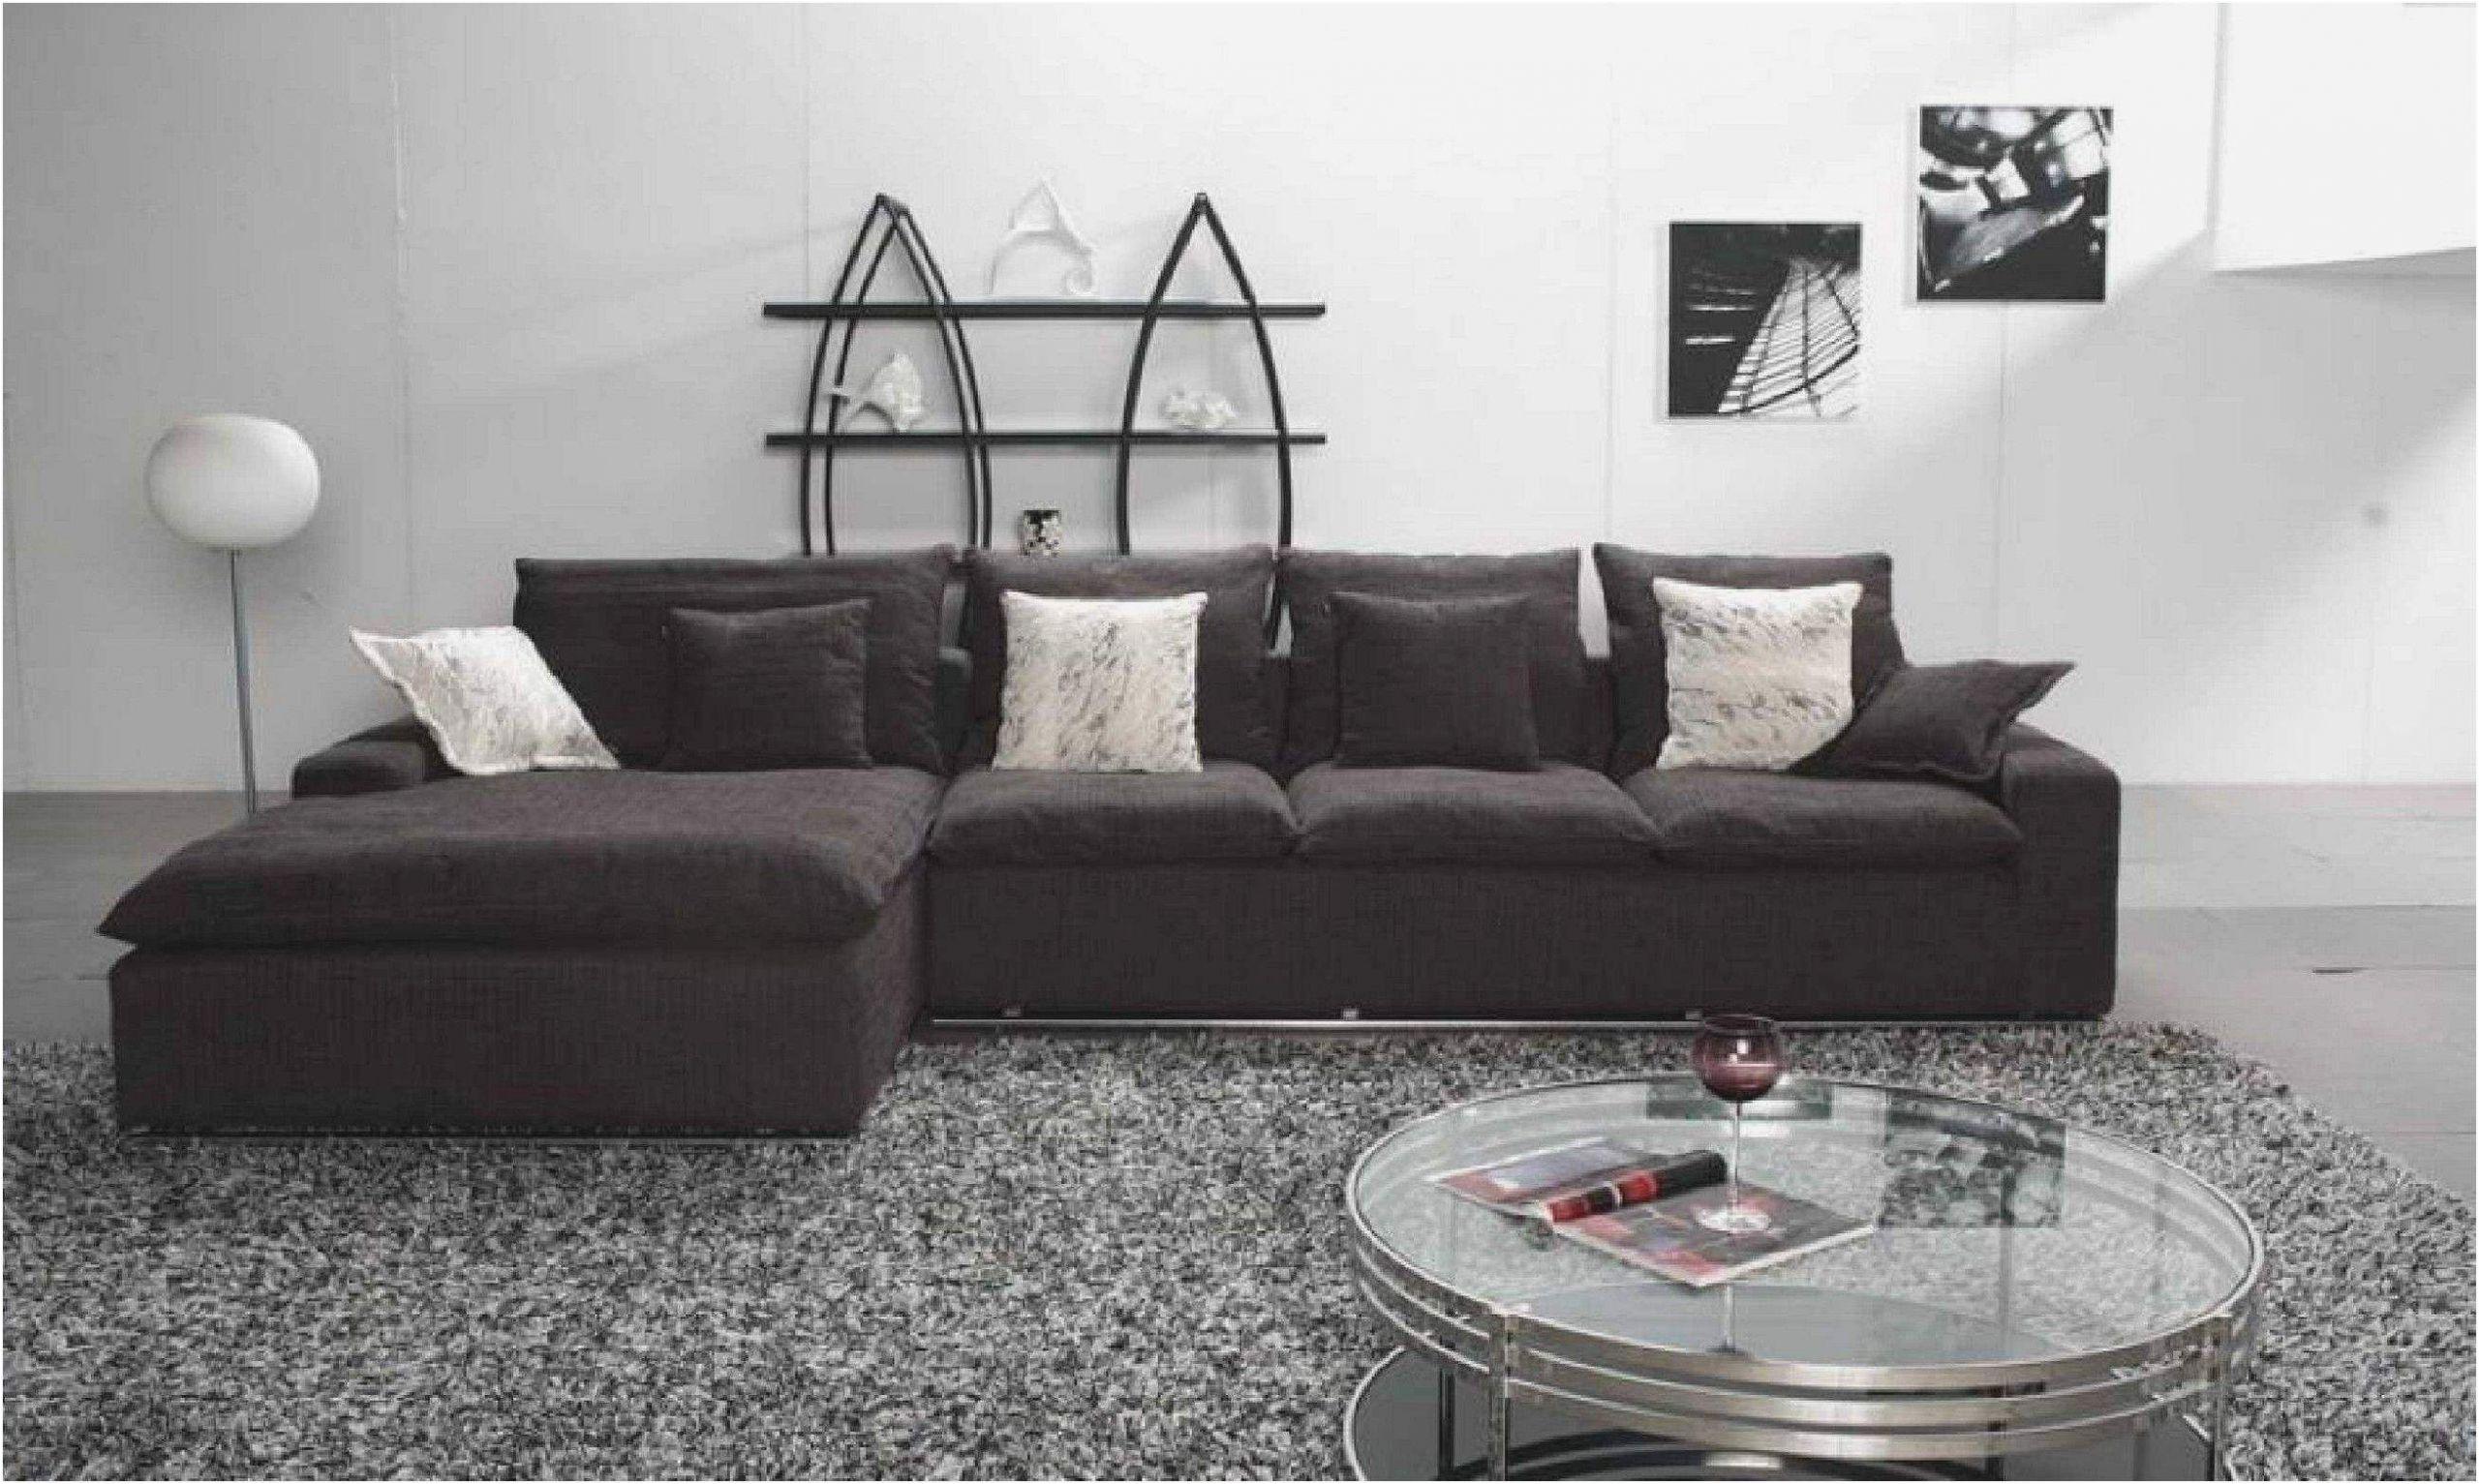 couch wohnzimmer frisch wohnzimmer sofas konzept frisch se jahre of couch wohnzimmer scaled